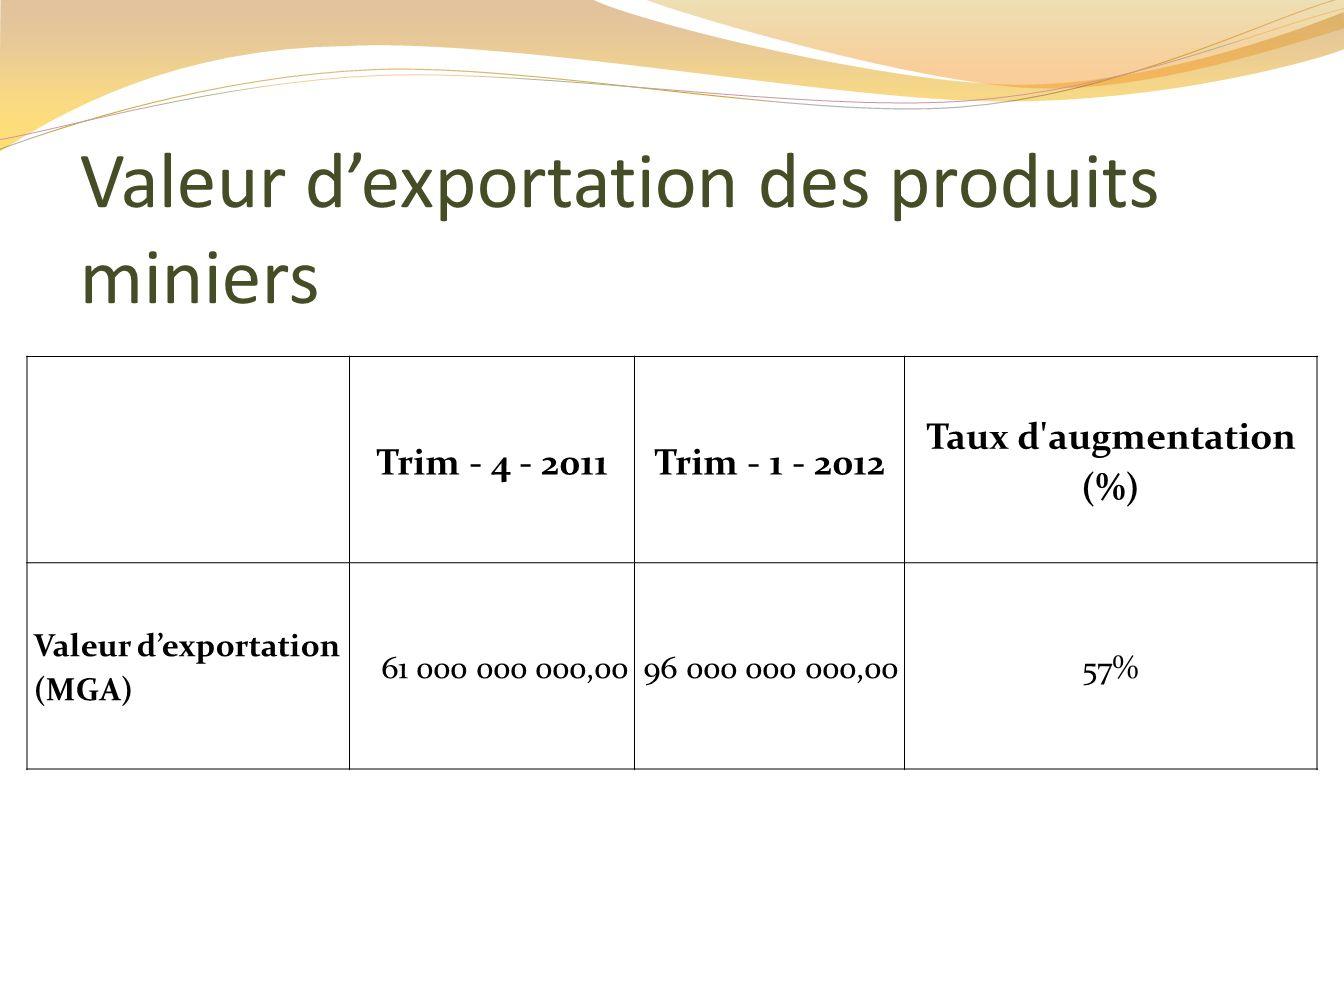 Valeur d'exportation des produits miniers